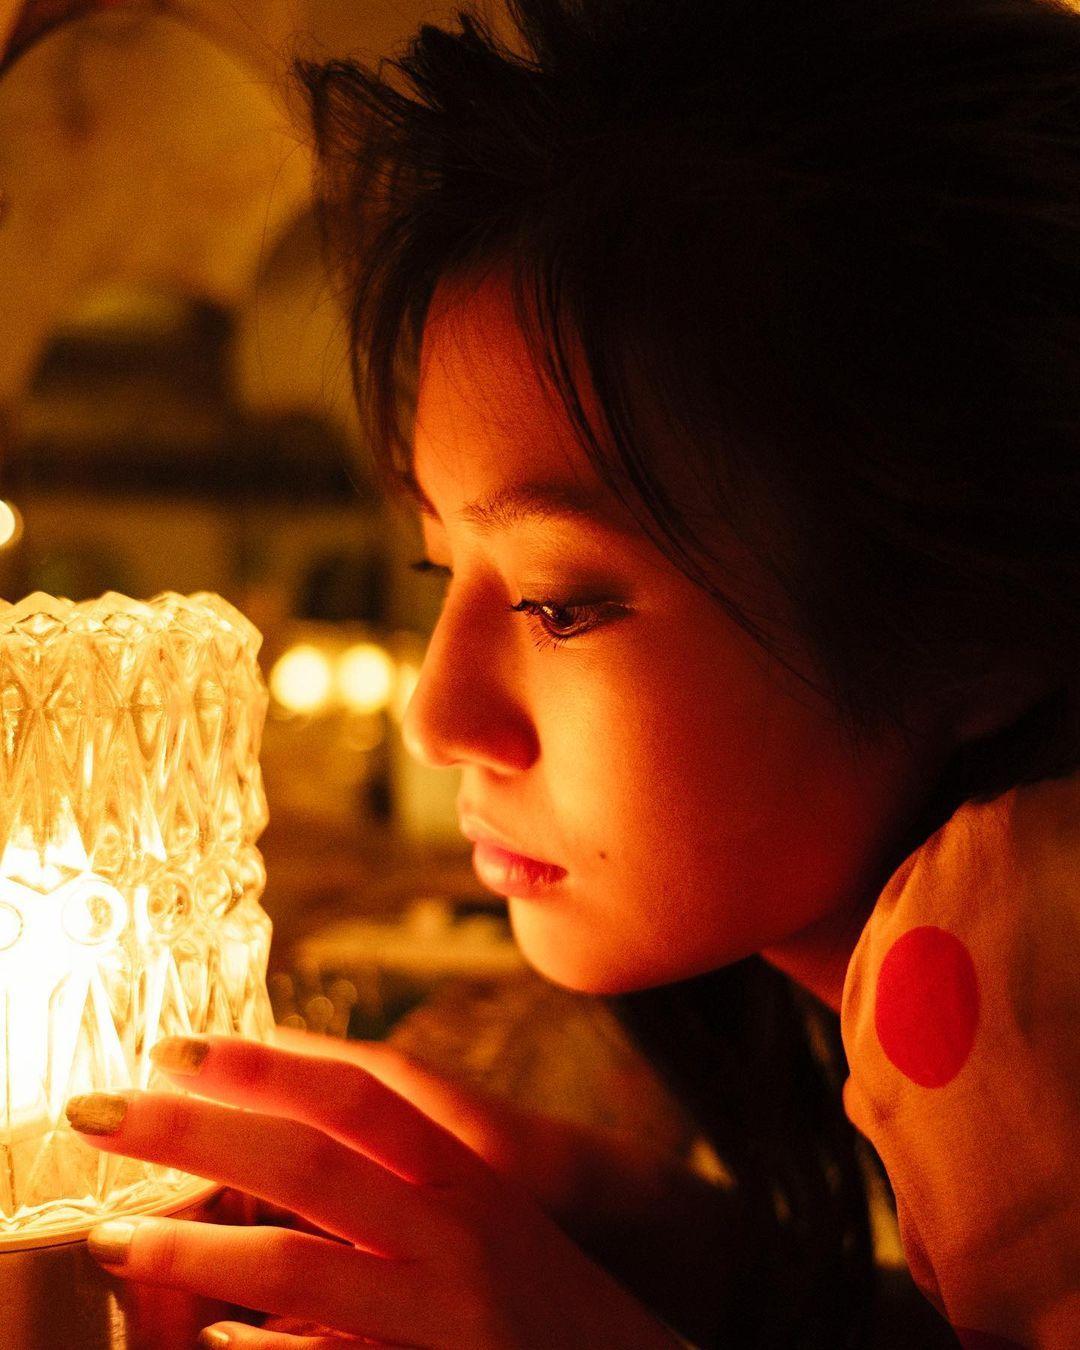 童星出身AV帝王2恒松祐里全luo演出一脱成名复古造型完美诠释昭和性感 养眼图片 第21张